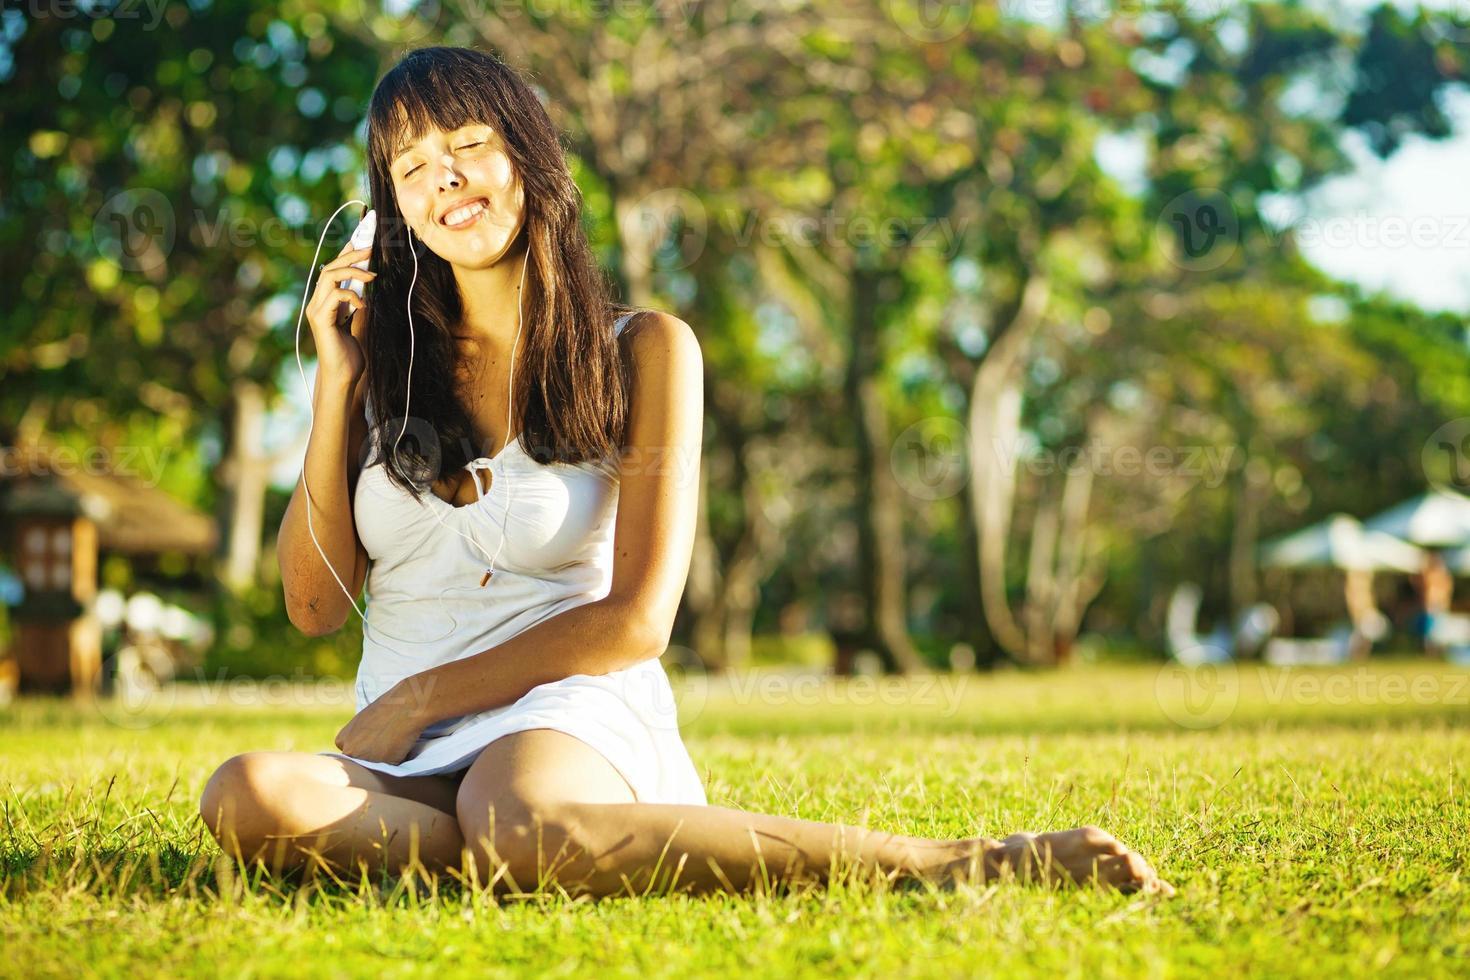 mujer sentada en el pasto escuchando musica foto